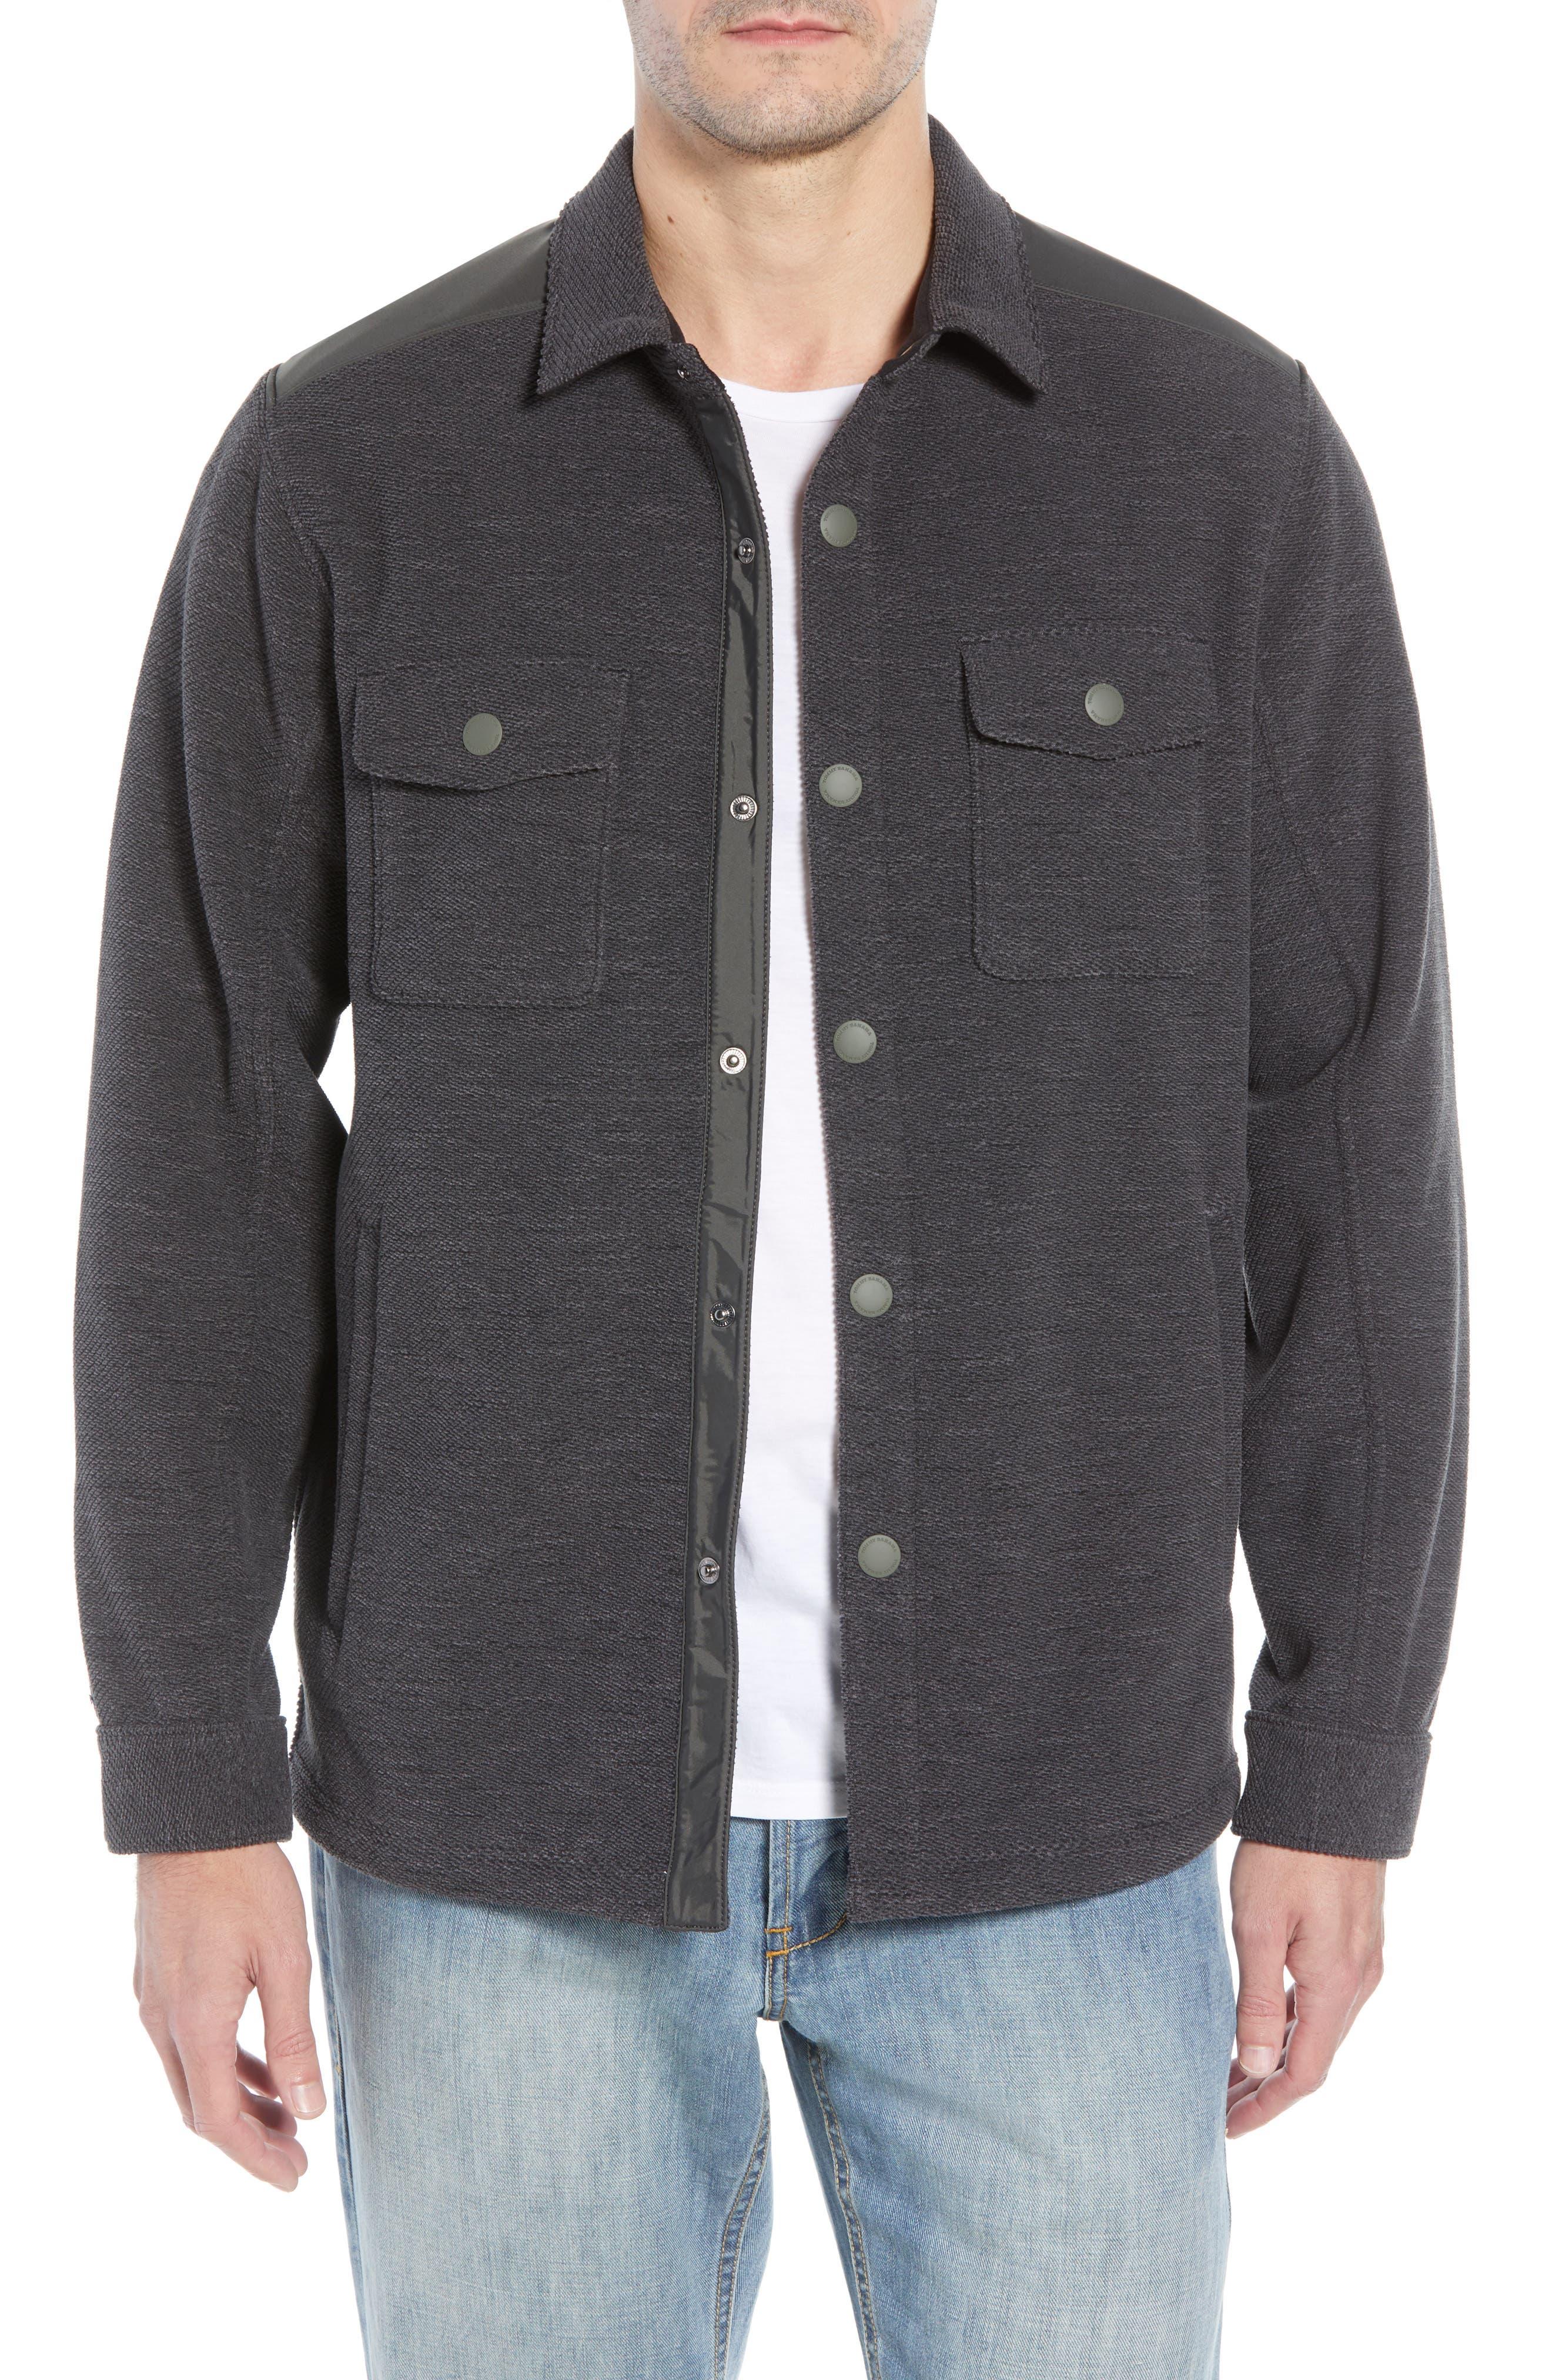 San Pablo CPO Regular Fit Jacket,                             Main thumbnail 1, color,                             FOG GREY